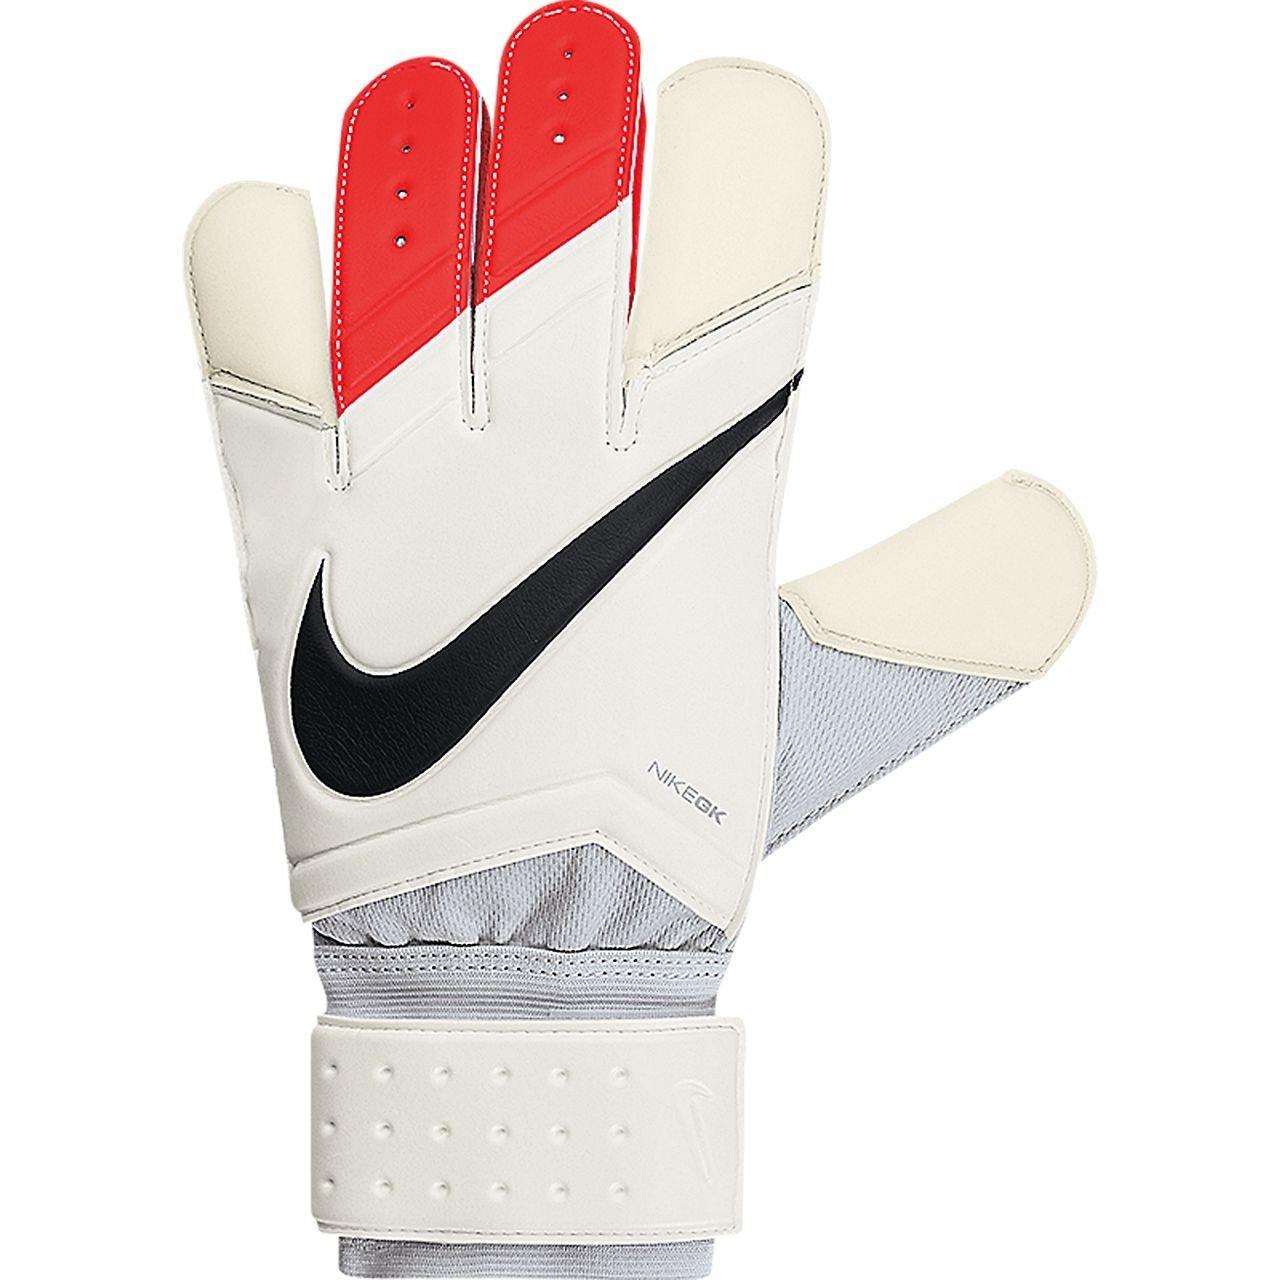 Nike Bekleidung Bekleidung Bekleidung  Gk Grip 3 B00KUTG8KM Spielerhandschuhe Hochwertig 9f5273